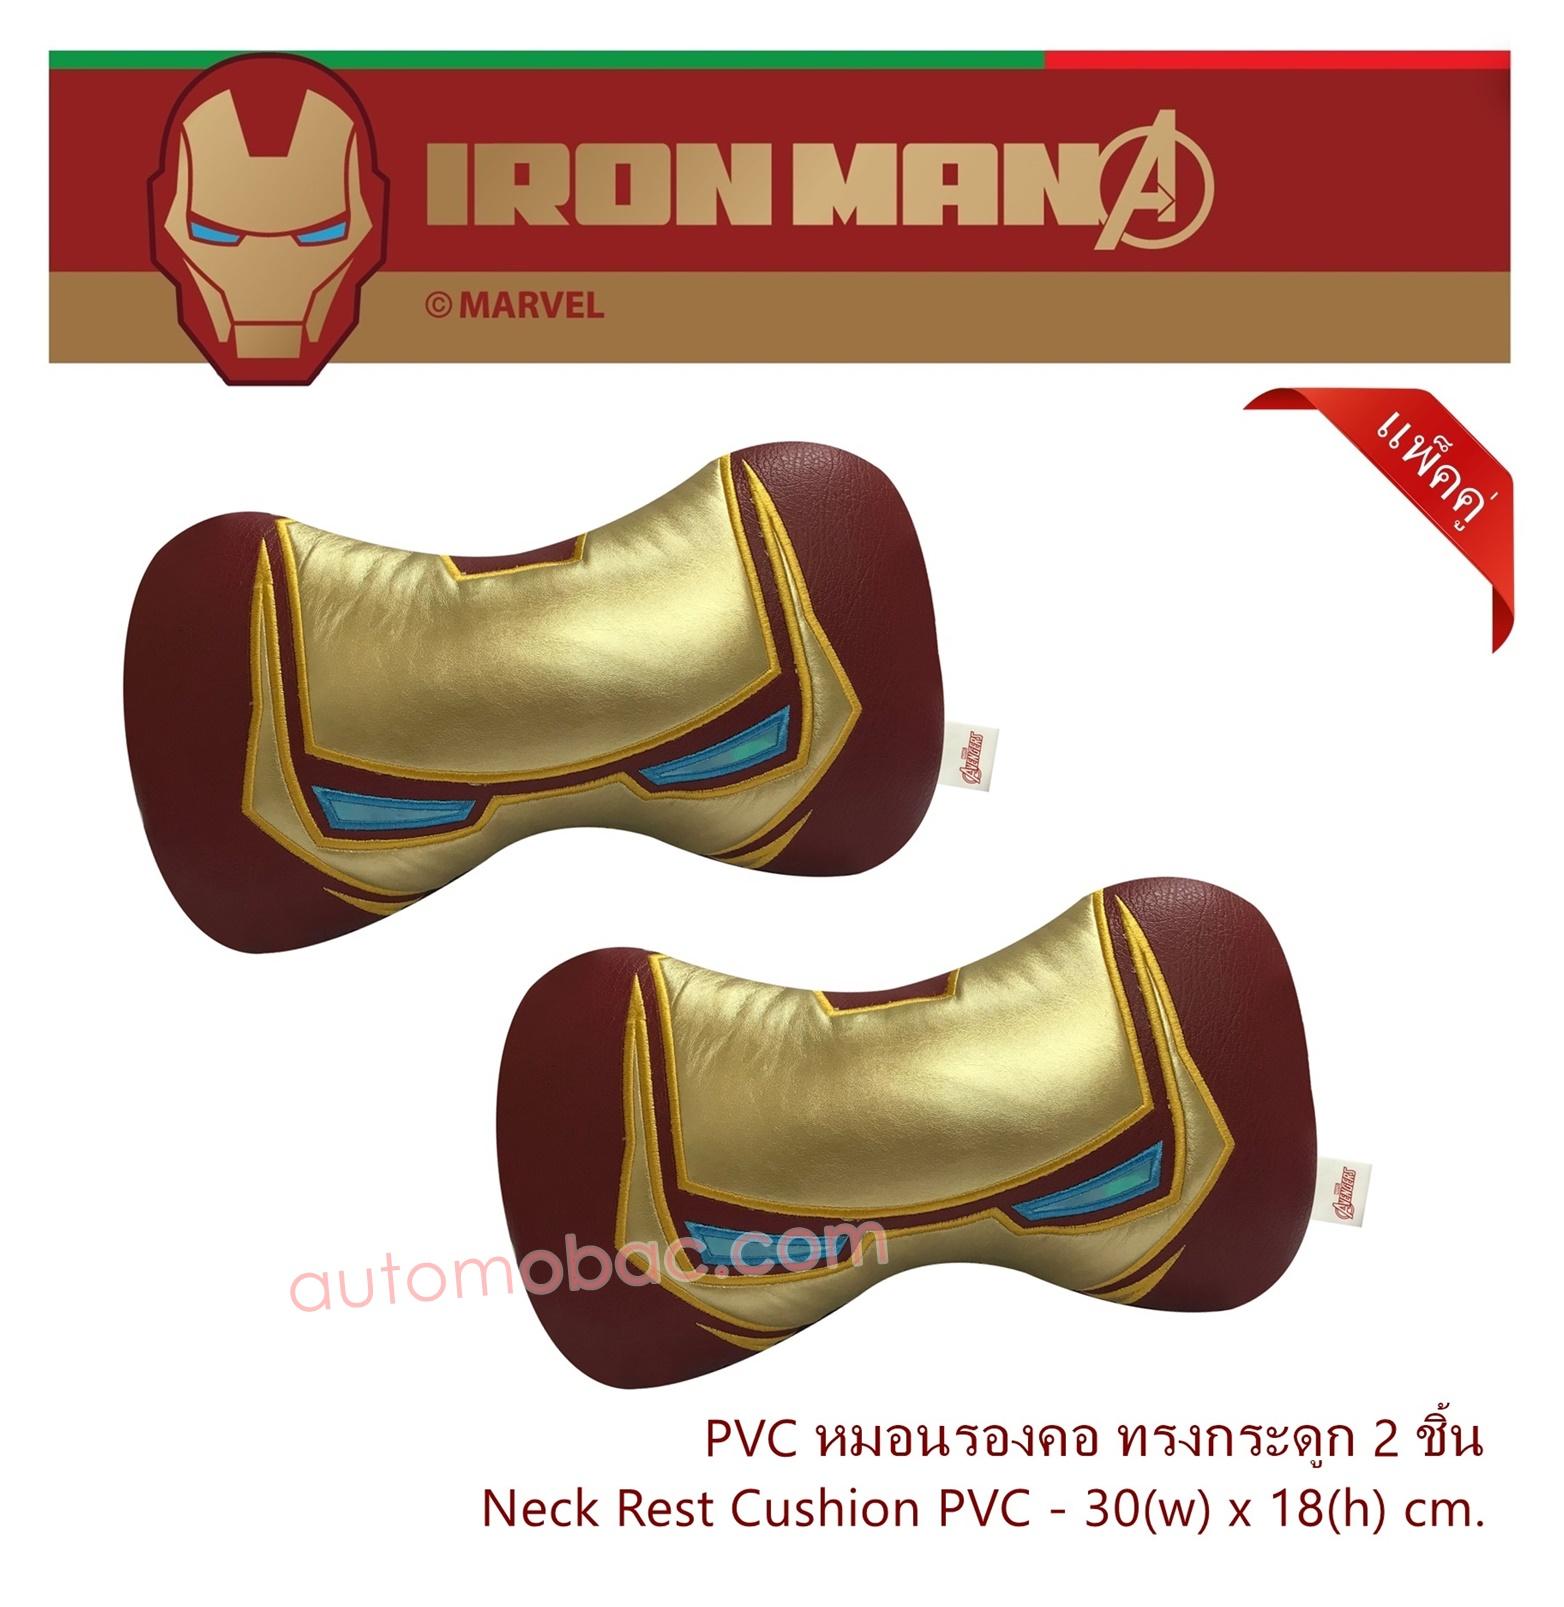 IRON-MAN หมอนรองคอ ทรงกระดูก 2 ชิ้น หนัง PVC ใช้รองคอเพื่อลดการปวดเมื่อยขณะขับรถ ลิขสิทธิ์แท้ สวยงาม